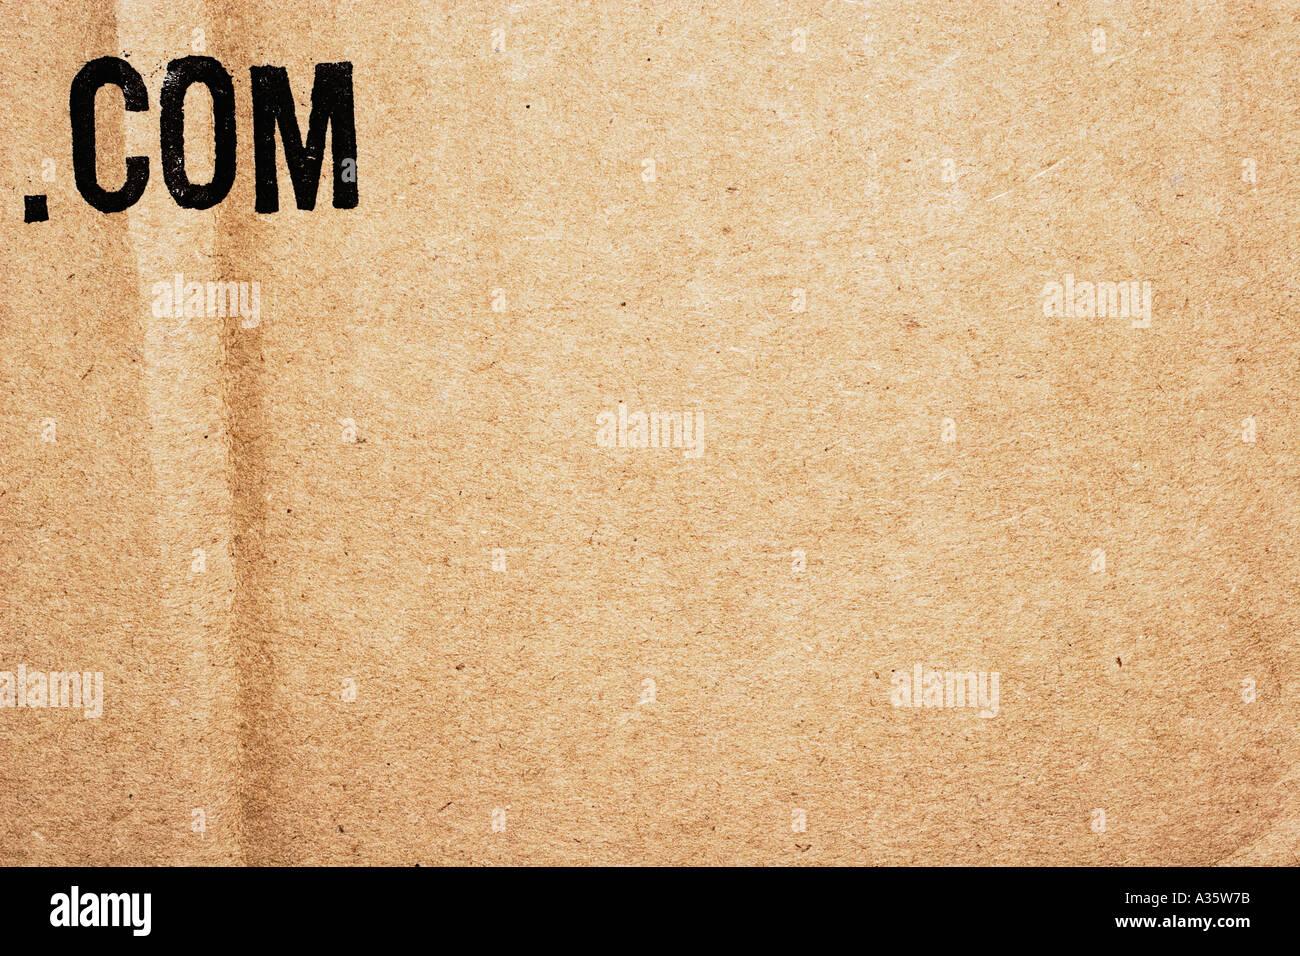 Urban Art Dot Com Buchstaben auf Karton Stockfoto, Bild ...